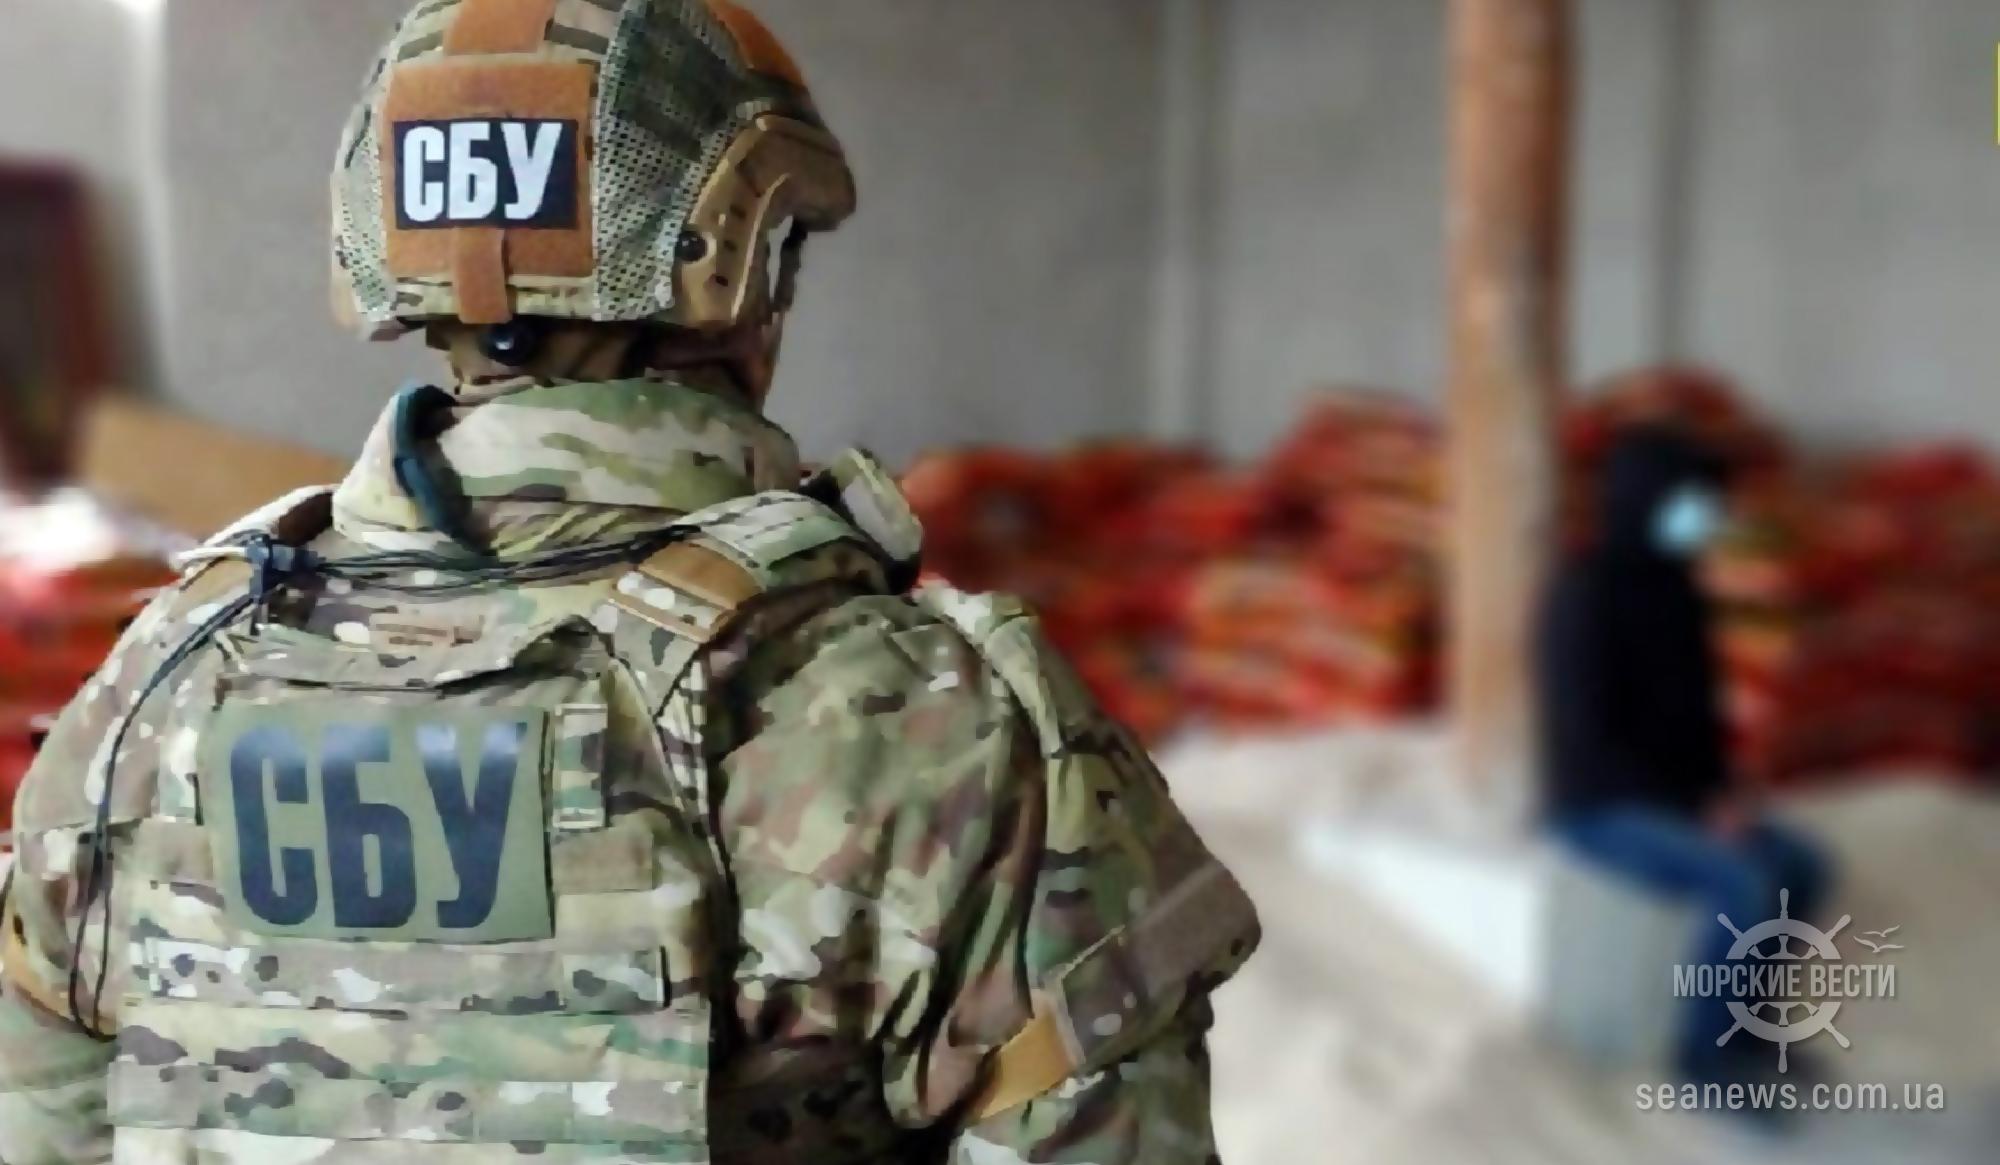 СБУ задержала наркоторговцев, которые через Одесский порт доставляли героин в Европу